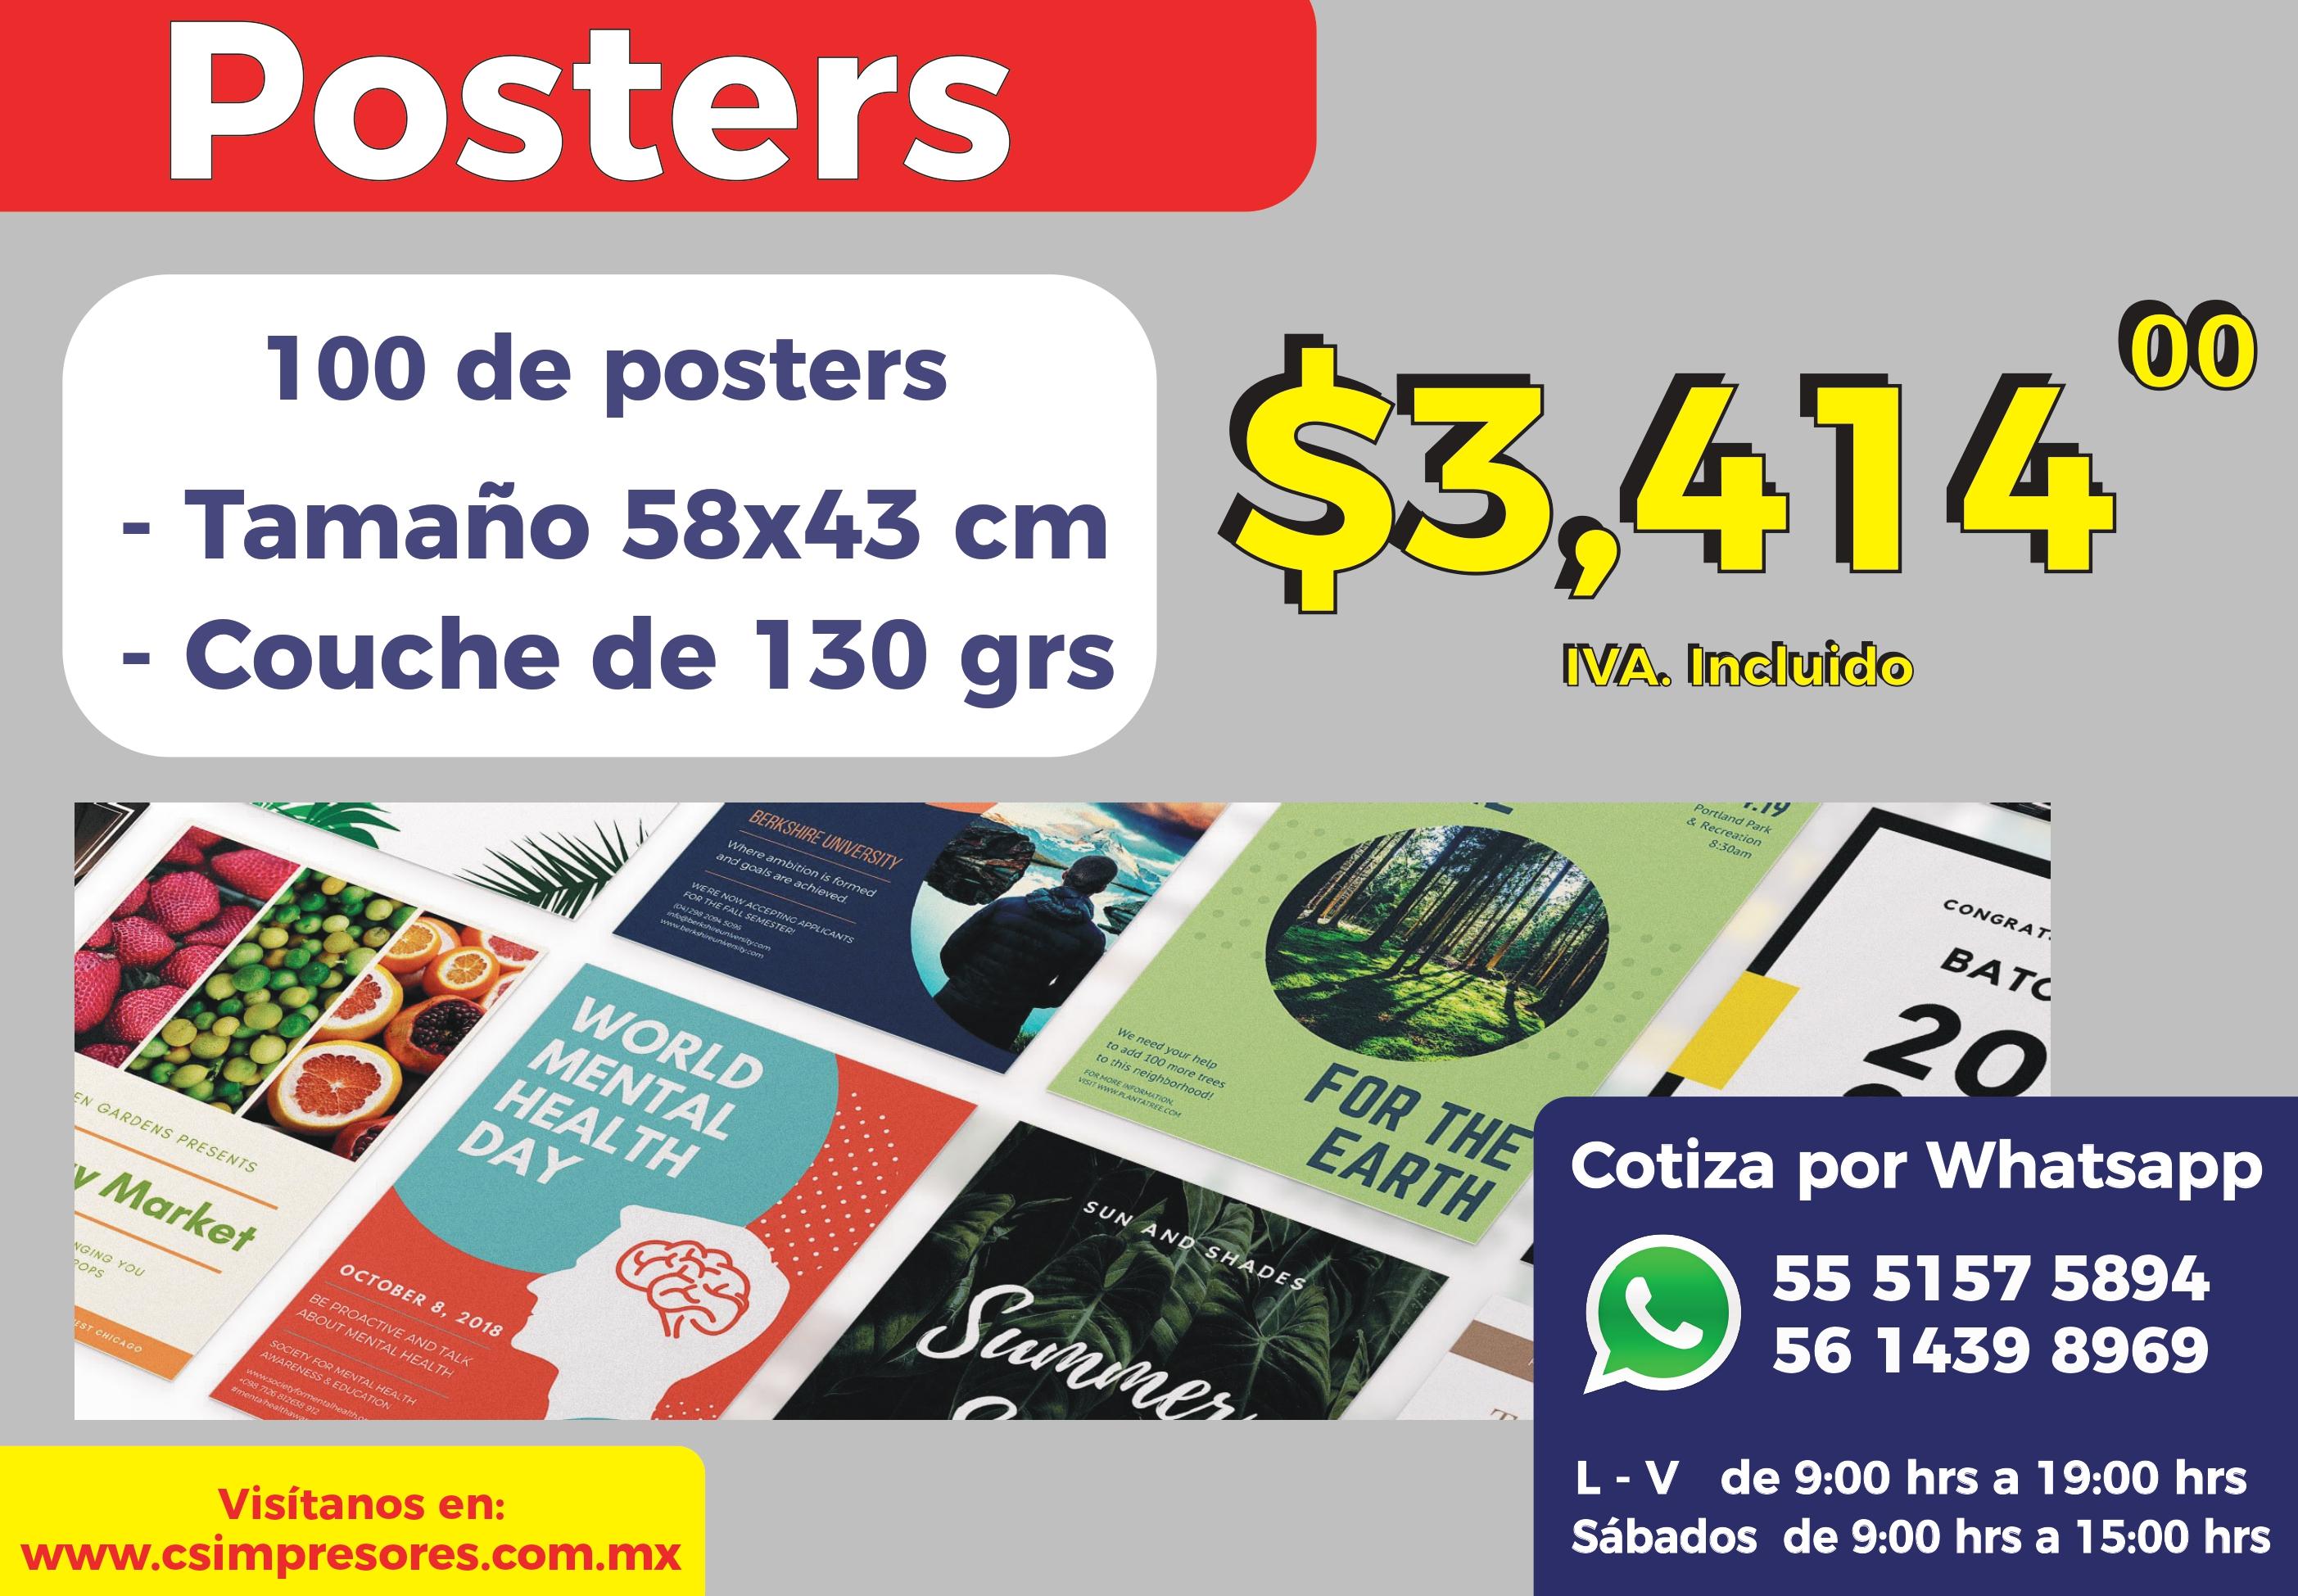 https://0201.nccdn.net/1_2/000/000/0fc/761/contenido-10-facebook-posters_page-0001.jpg